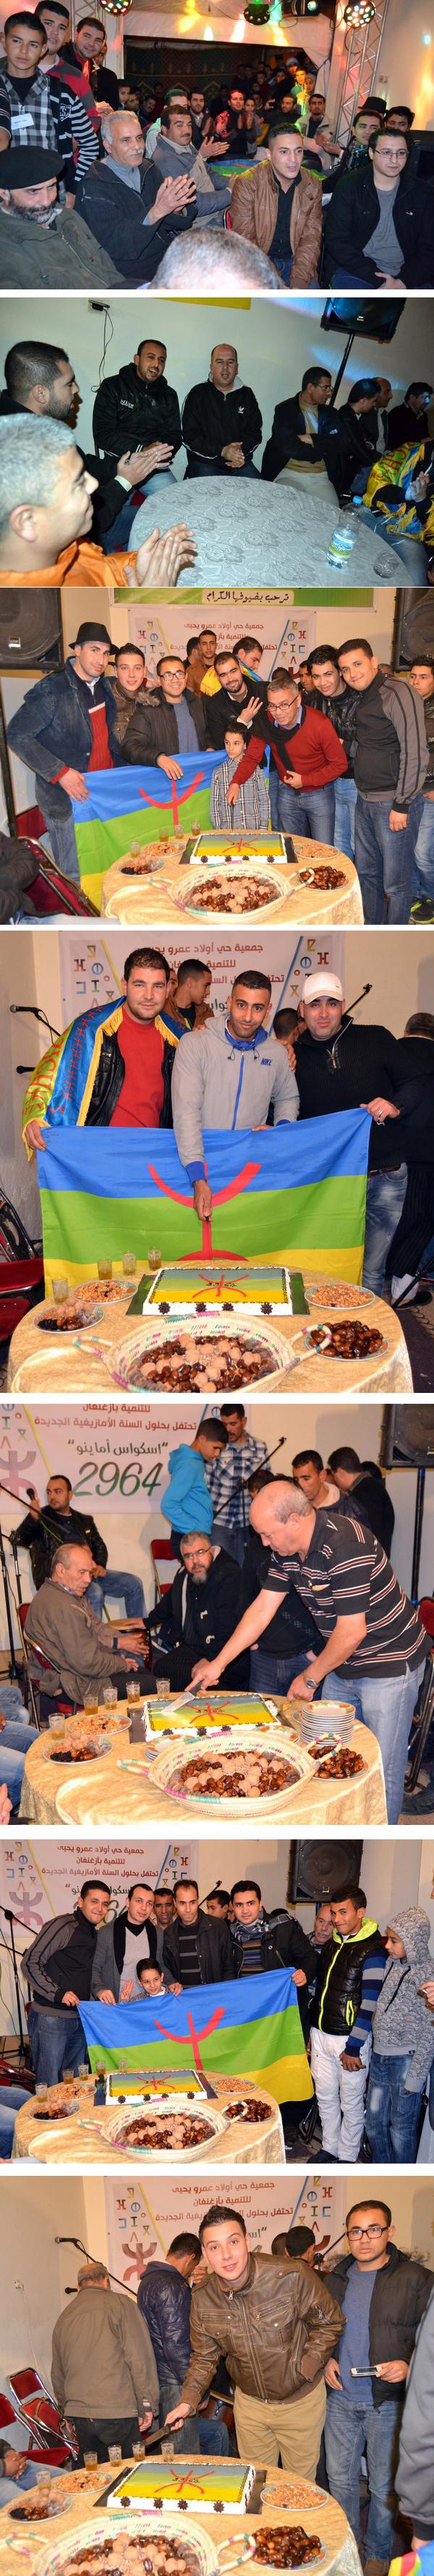 جمعية حي أولاد عمرو يحيى للتنمية بأزغنغان تحتفل بالسنة الأمازيغية الجديدة